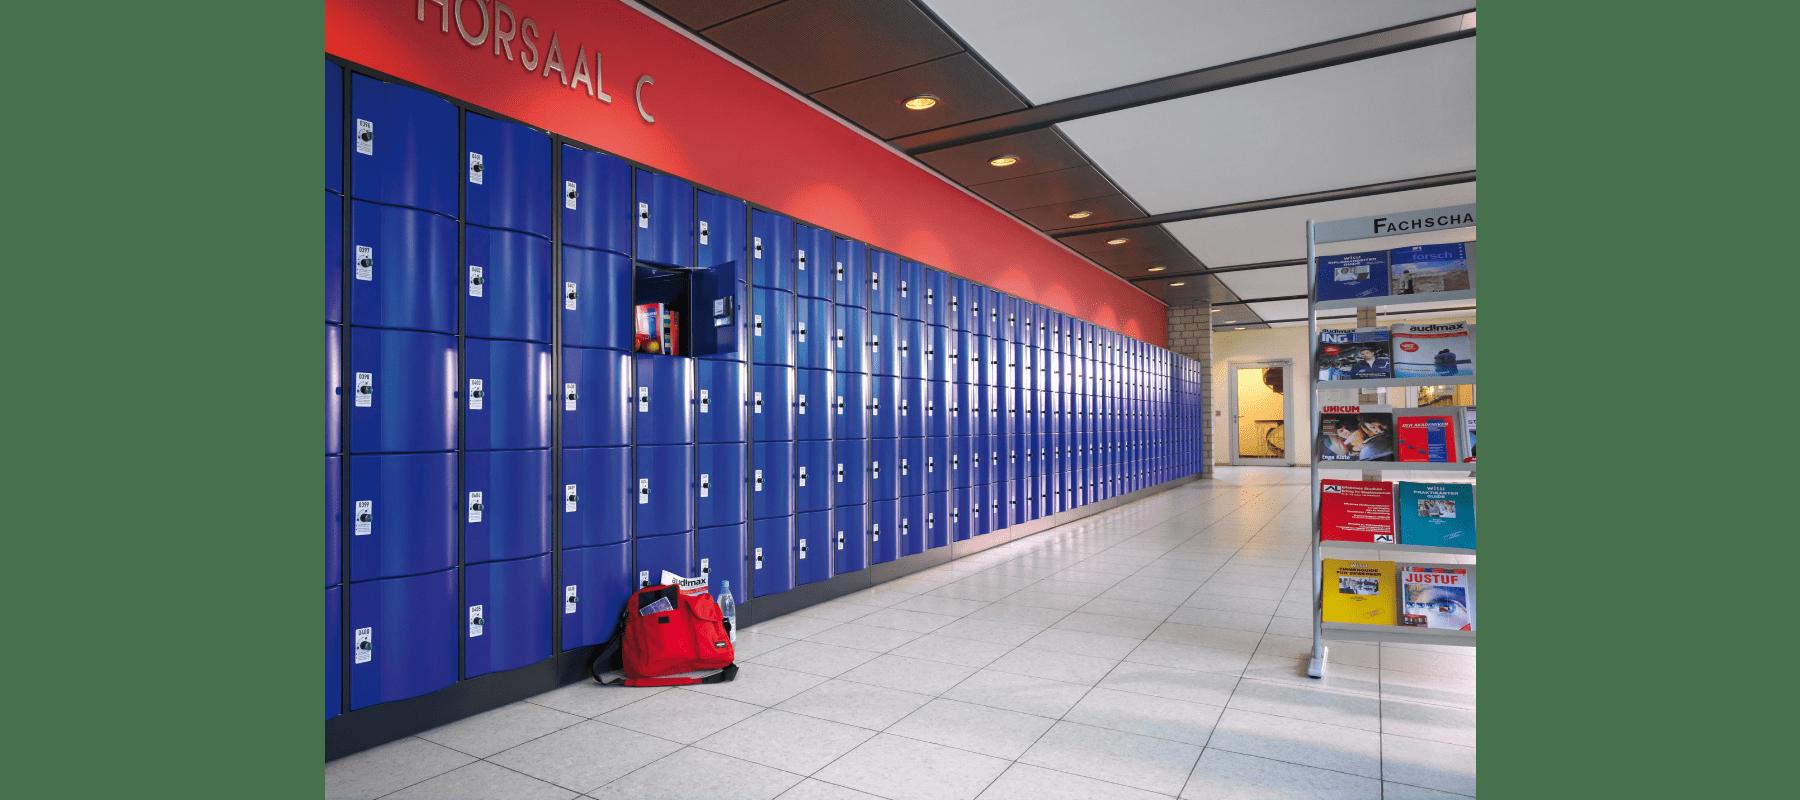 wyposażenie obiektów meble szkolne cp aranżacje - 01